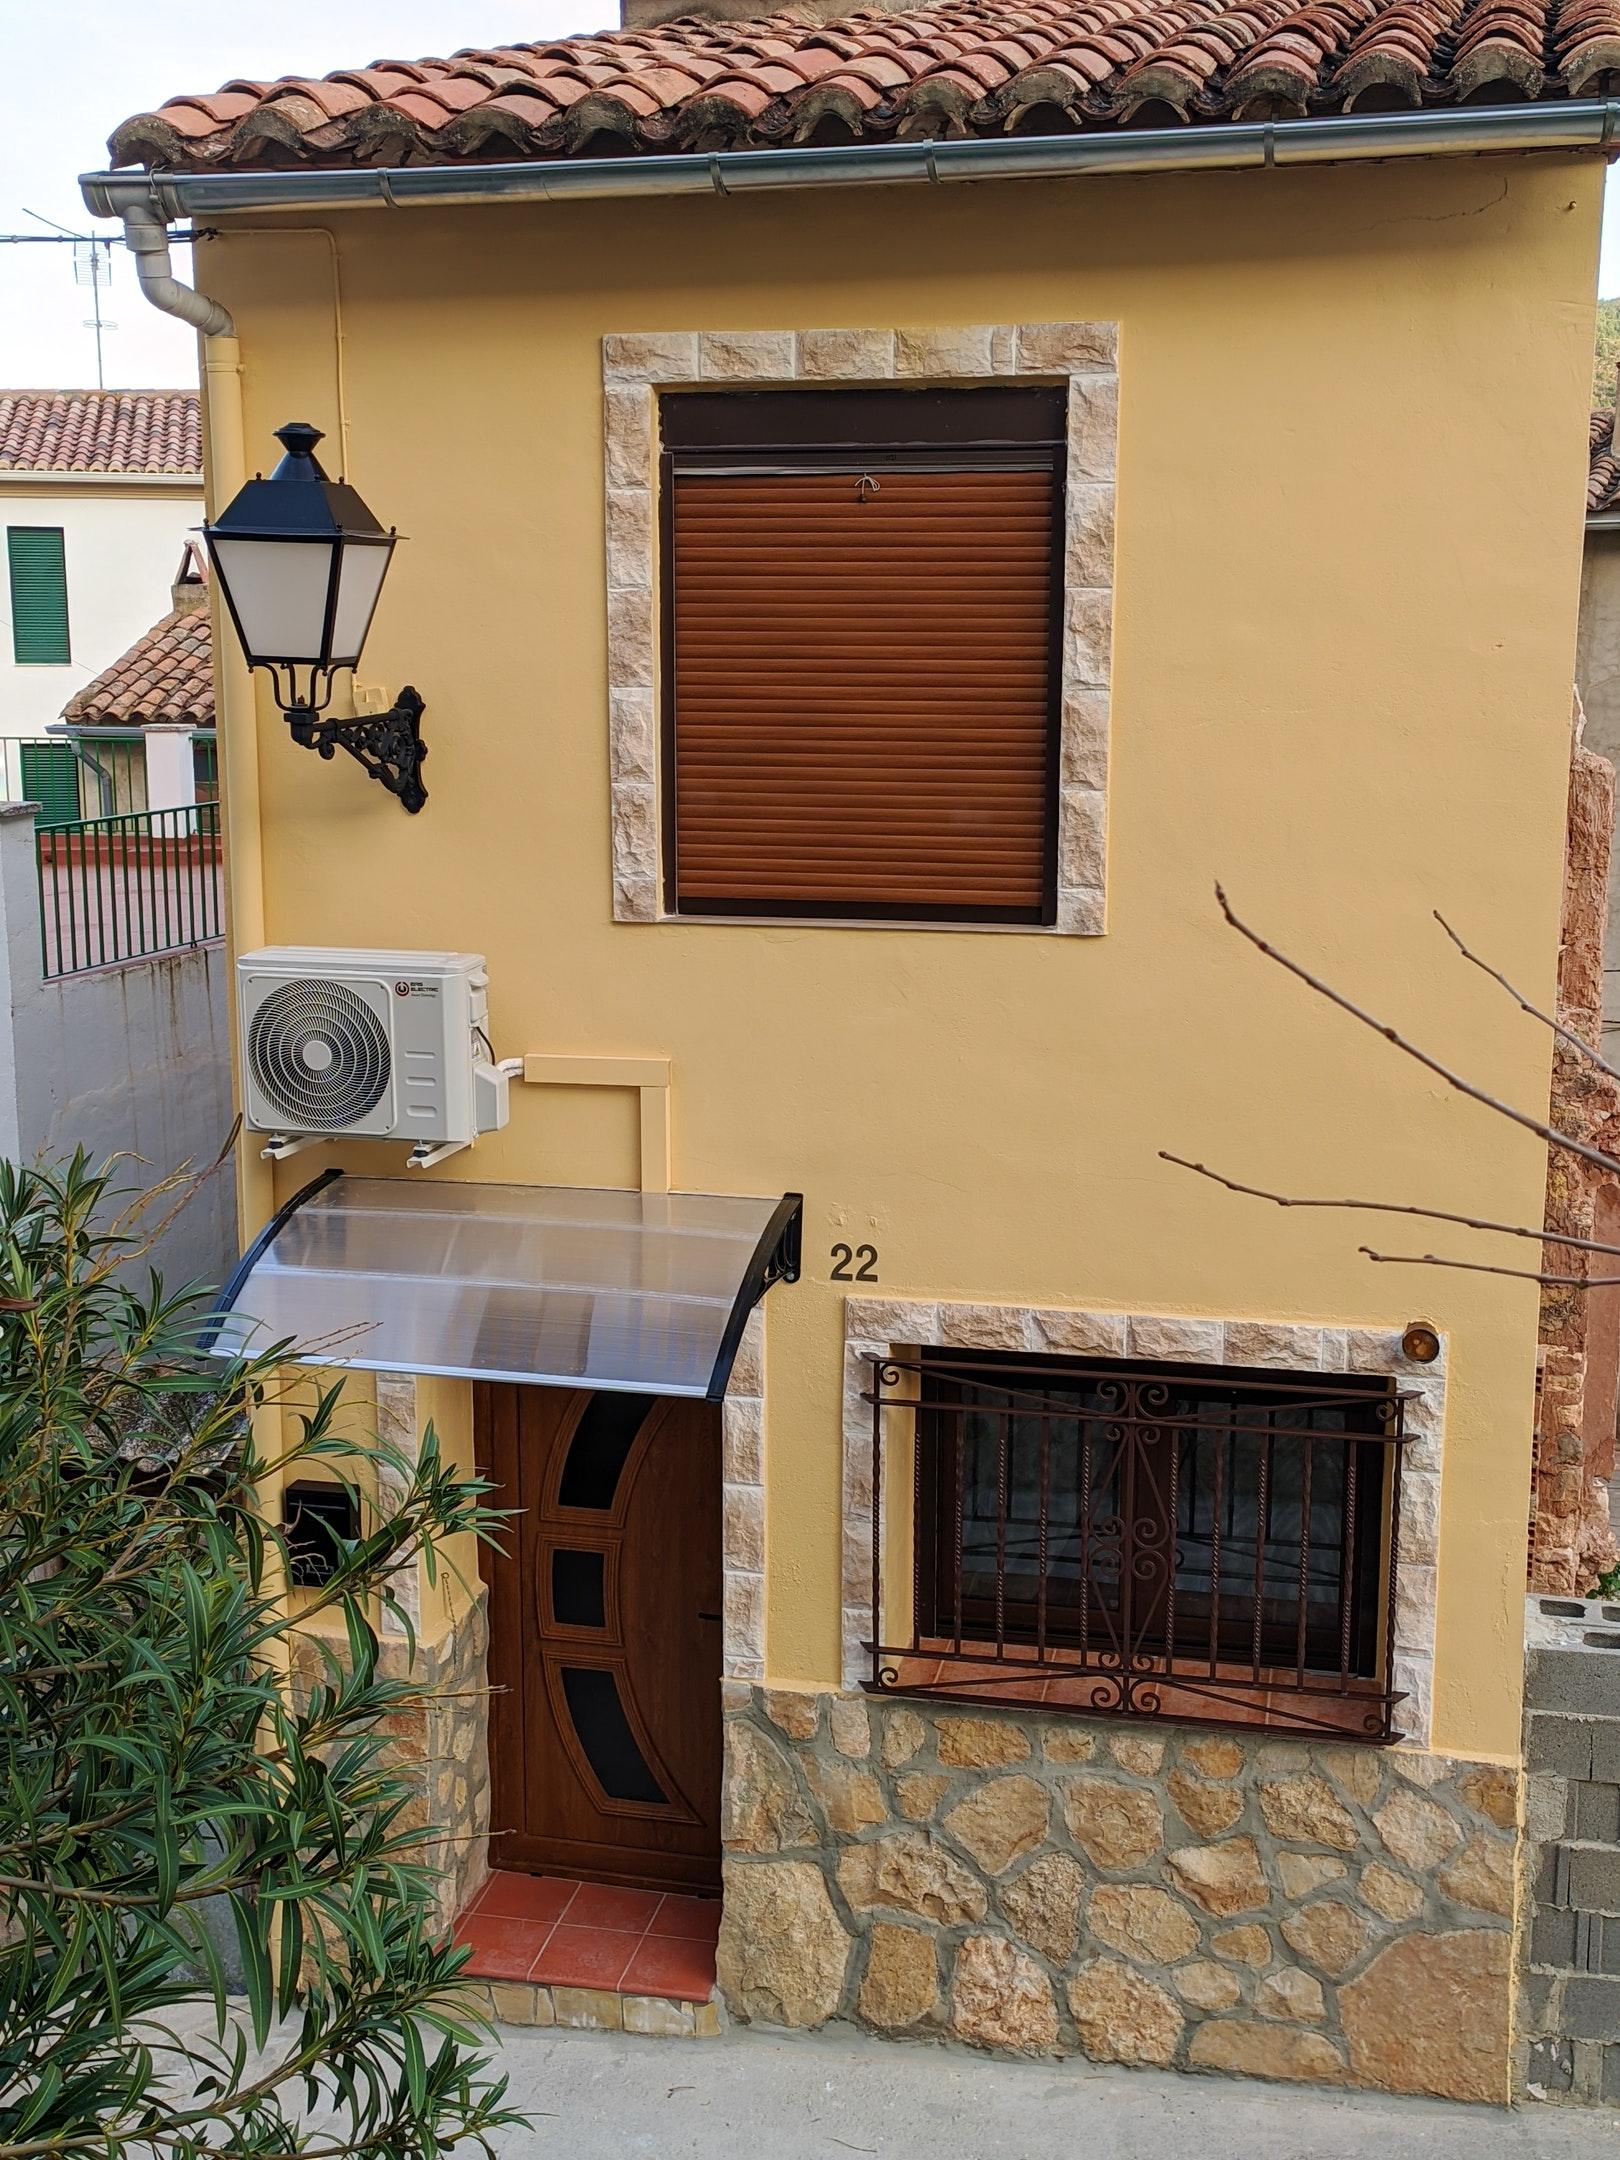 Ferienhaus Haus mit 3 Schlafzimmern in Montanejos mit toller Aussicht auf die Berge, Terrasse und W-L (2751376), Montanejos, Provinz Castellón, Valencia, Spanien, Bild 9